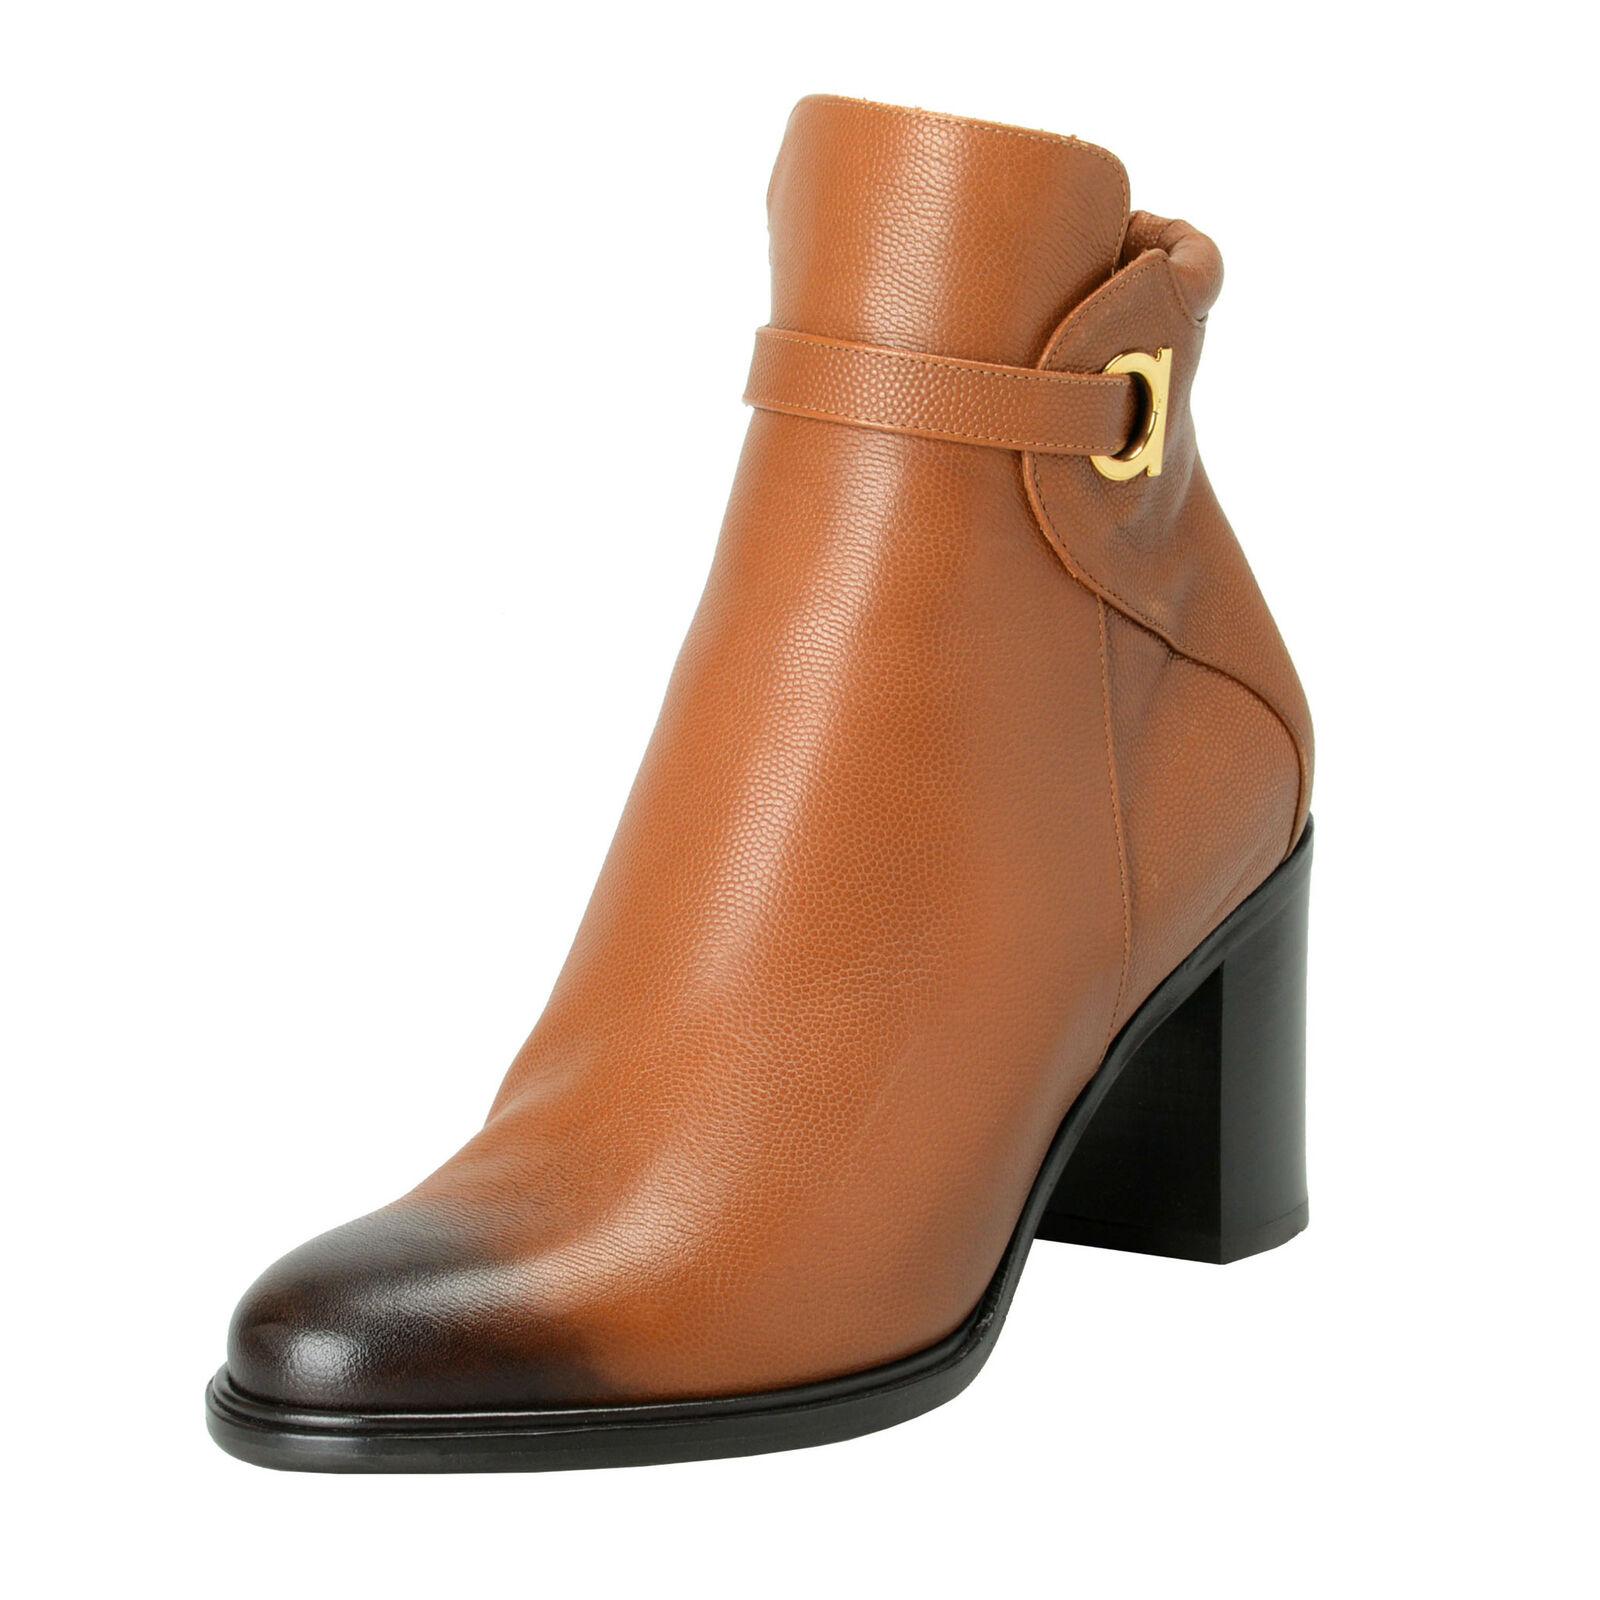 Salvatore Ferragamo Damen   Florian   Leder Stiefeletten Schuhe 7.5 8.5 10 11.5C